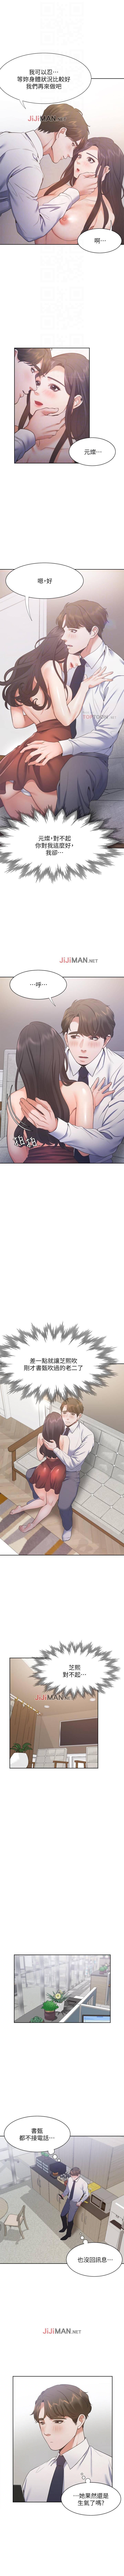 【周五连载】渴望:爱火难耐(作者:Appeal&格子17) 第1~24话 192